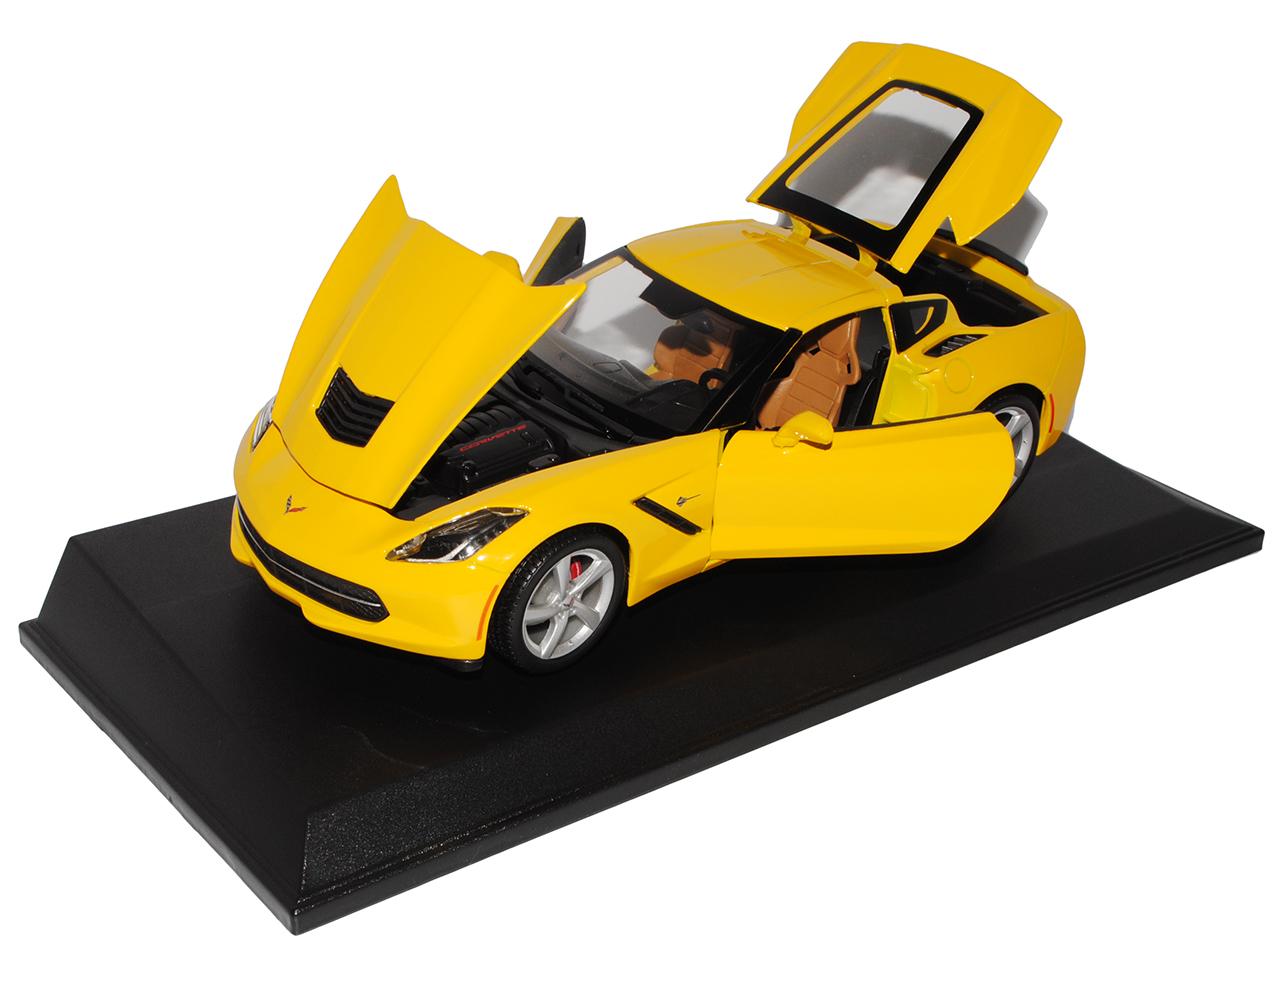 CHEVROLET-CHEVY-CORVETTE-c7-Stingray-Coupe-Jaune-a-partir-de-2013-1-18-MAISTO-Modele-Aut